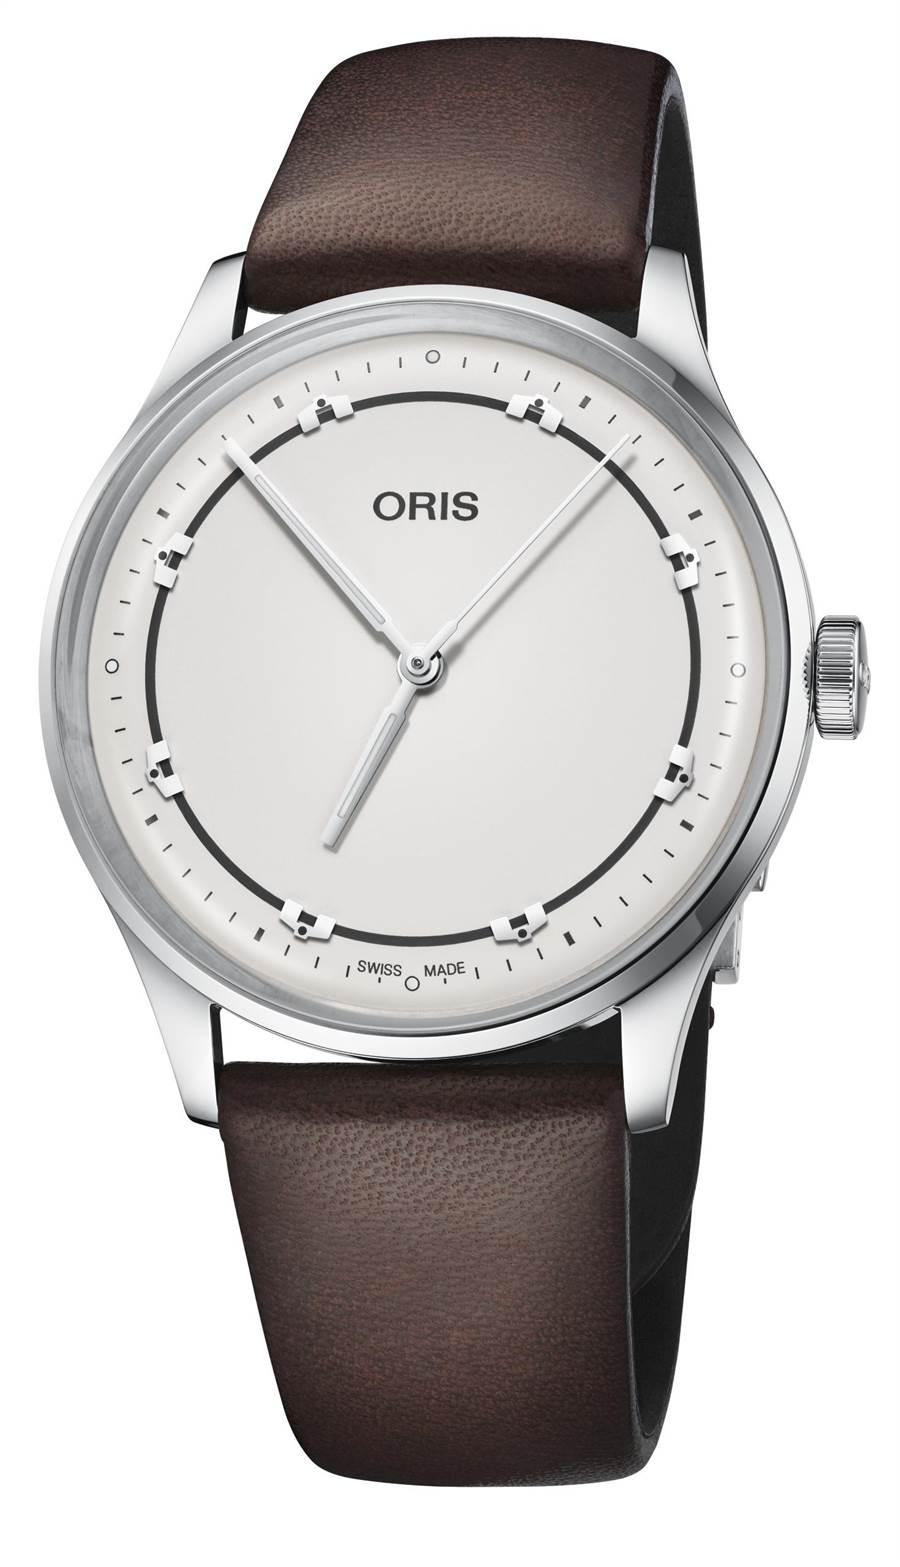 Oris Art Blakey爵士限量表,6萬元。(Oris提供)